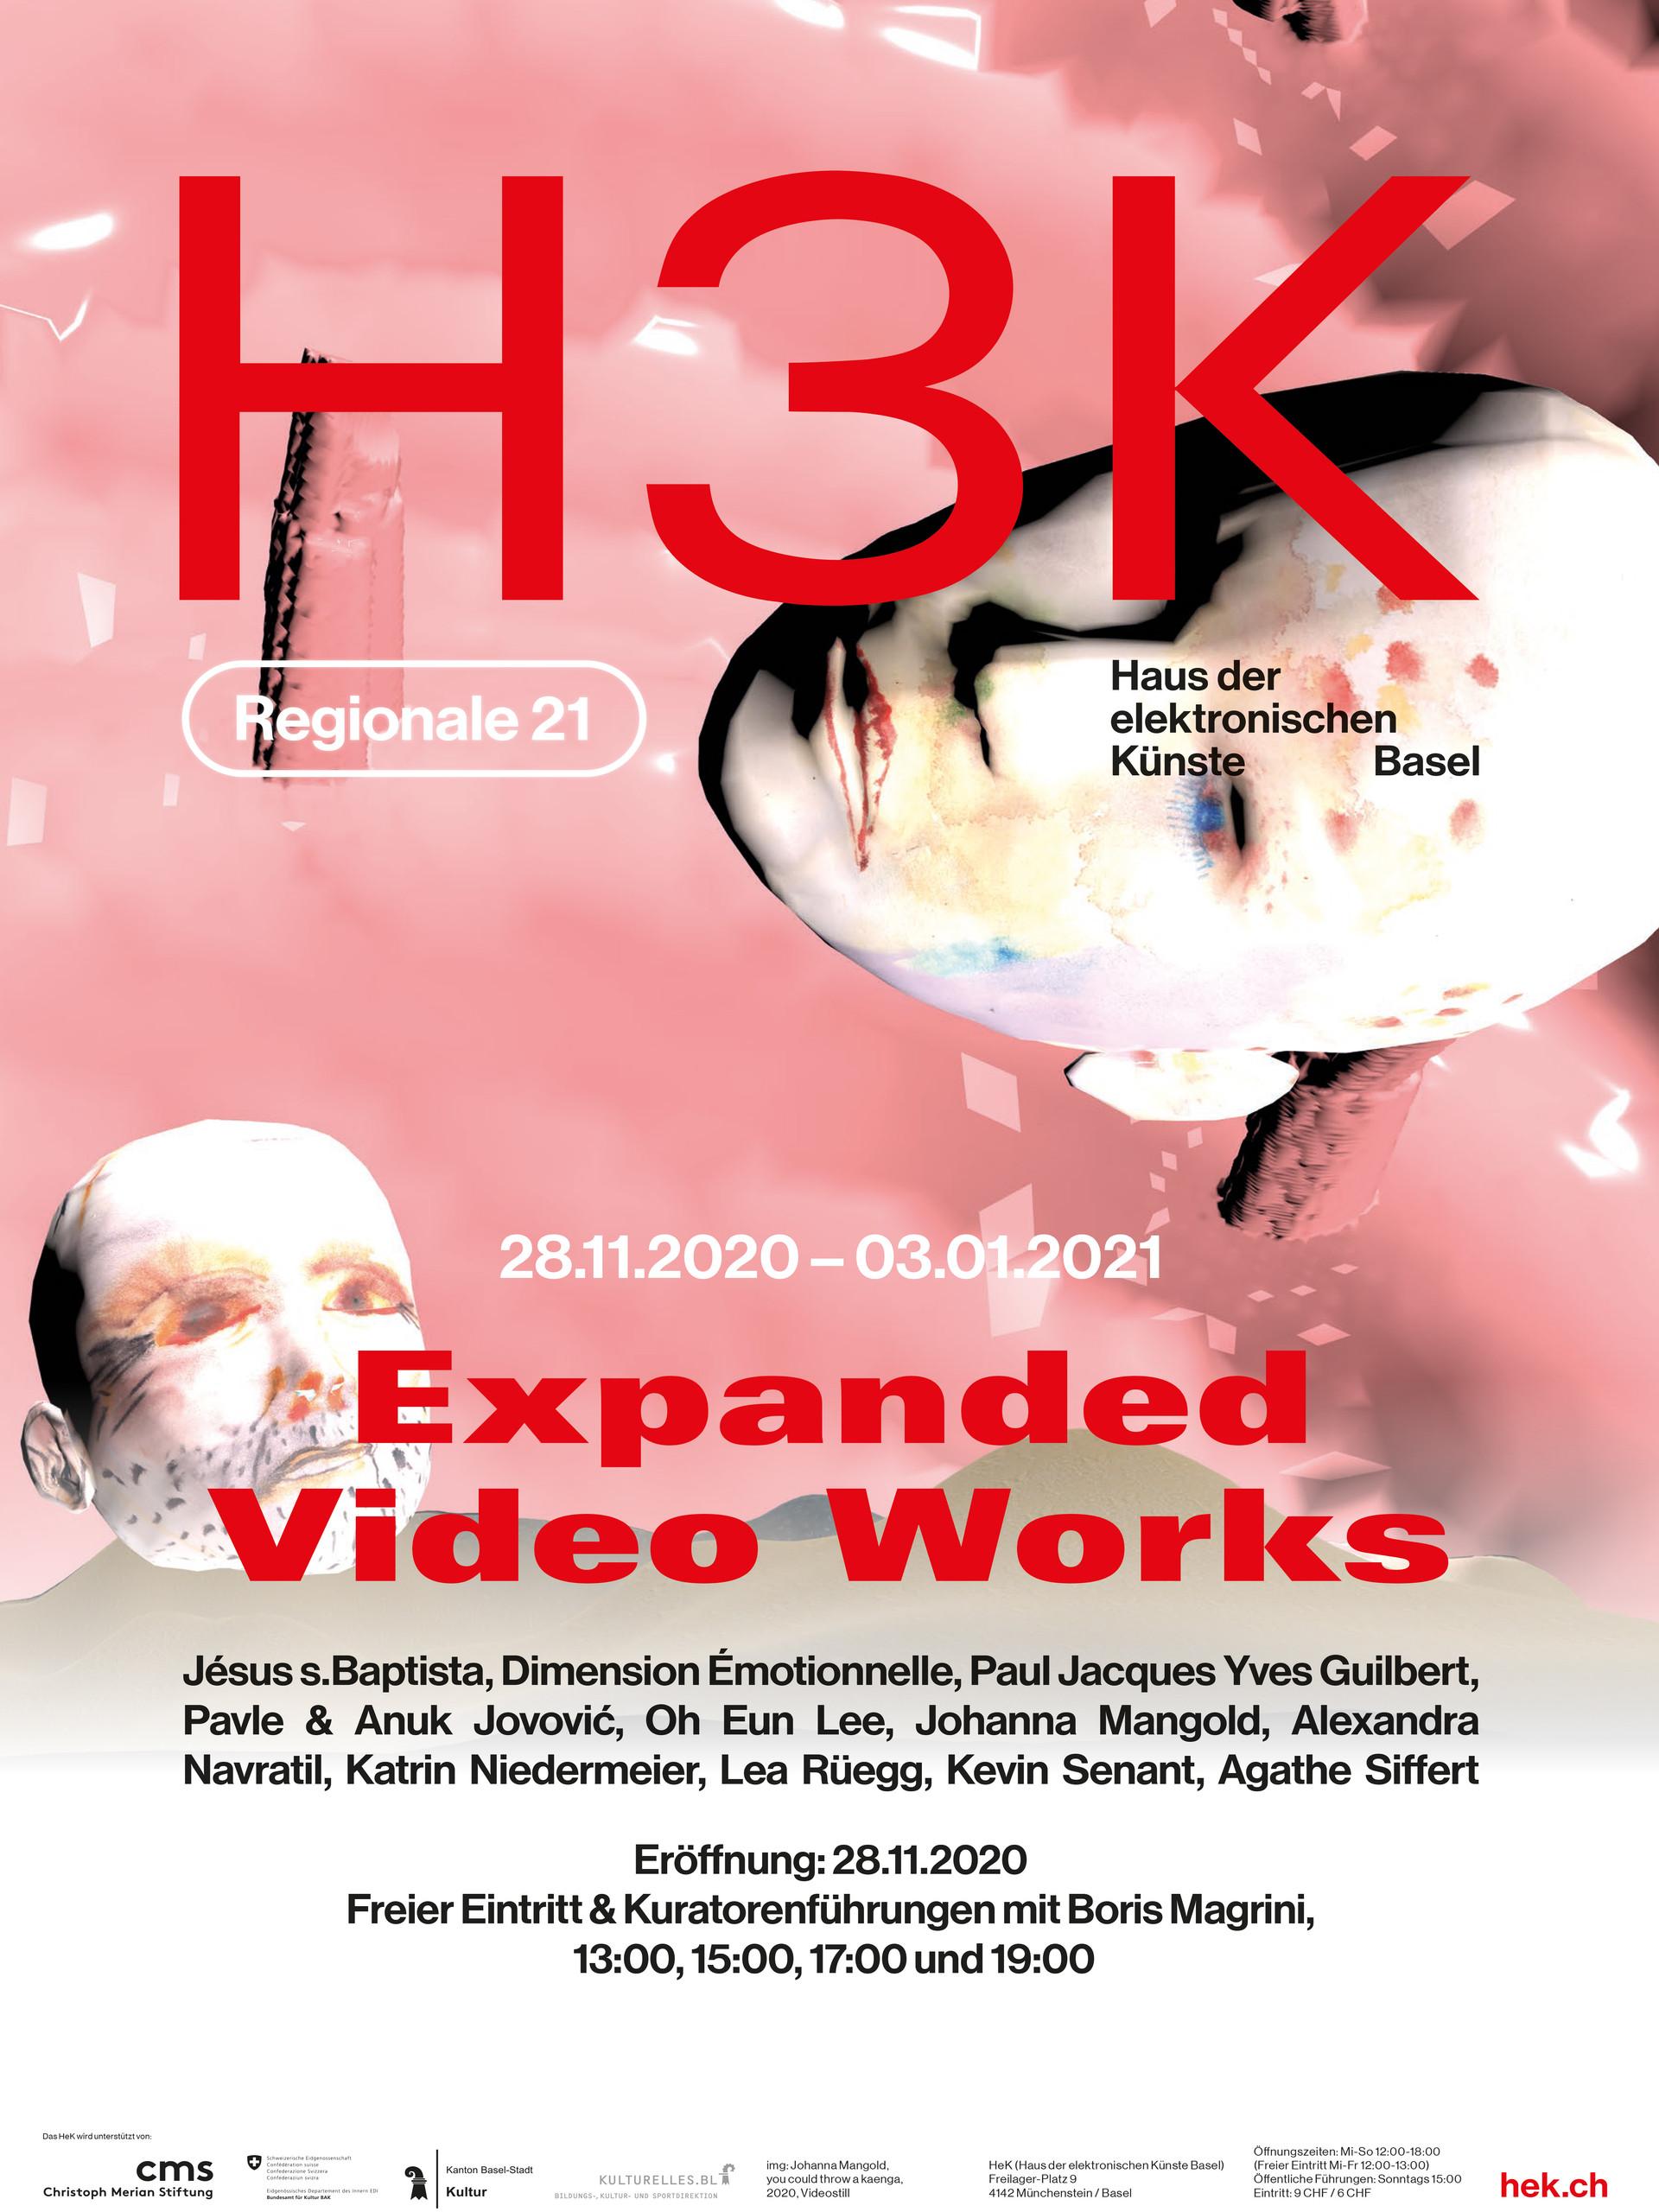 Expanded Video Works HeK Basel